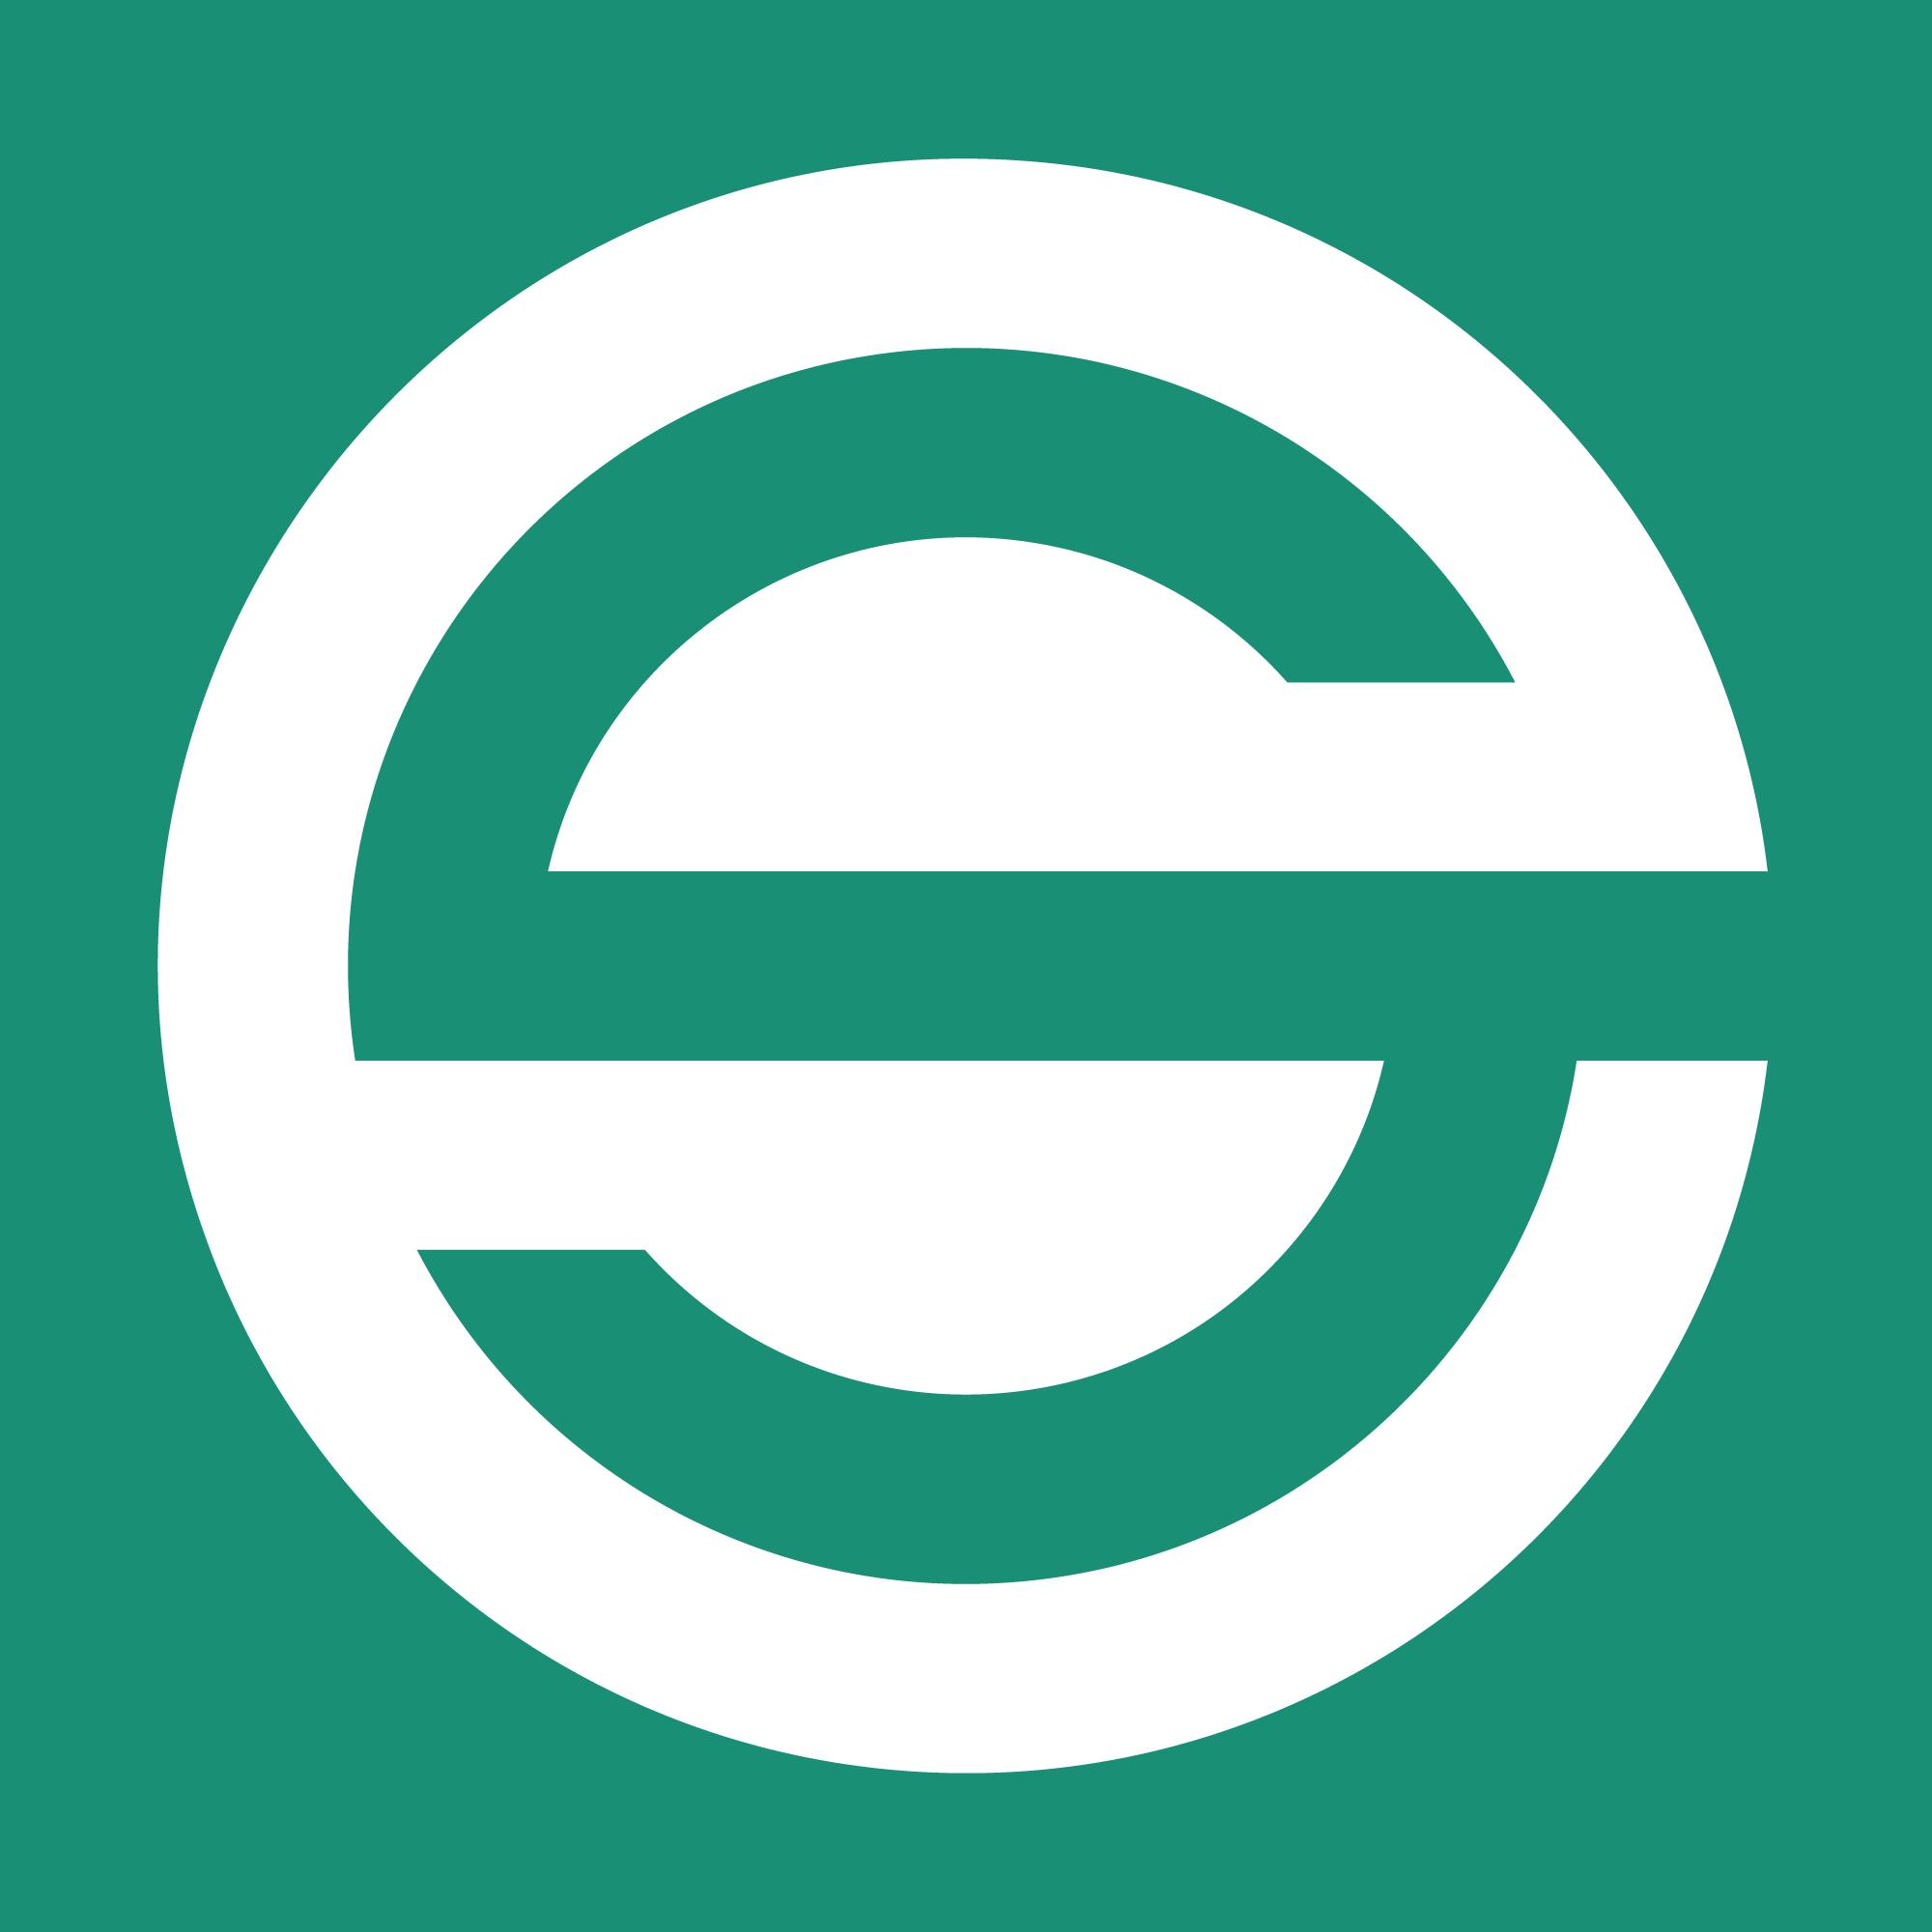 eShikhon